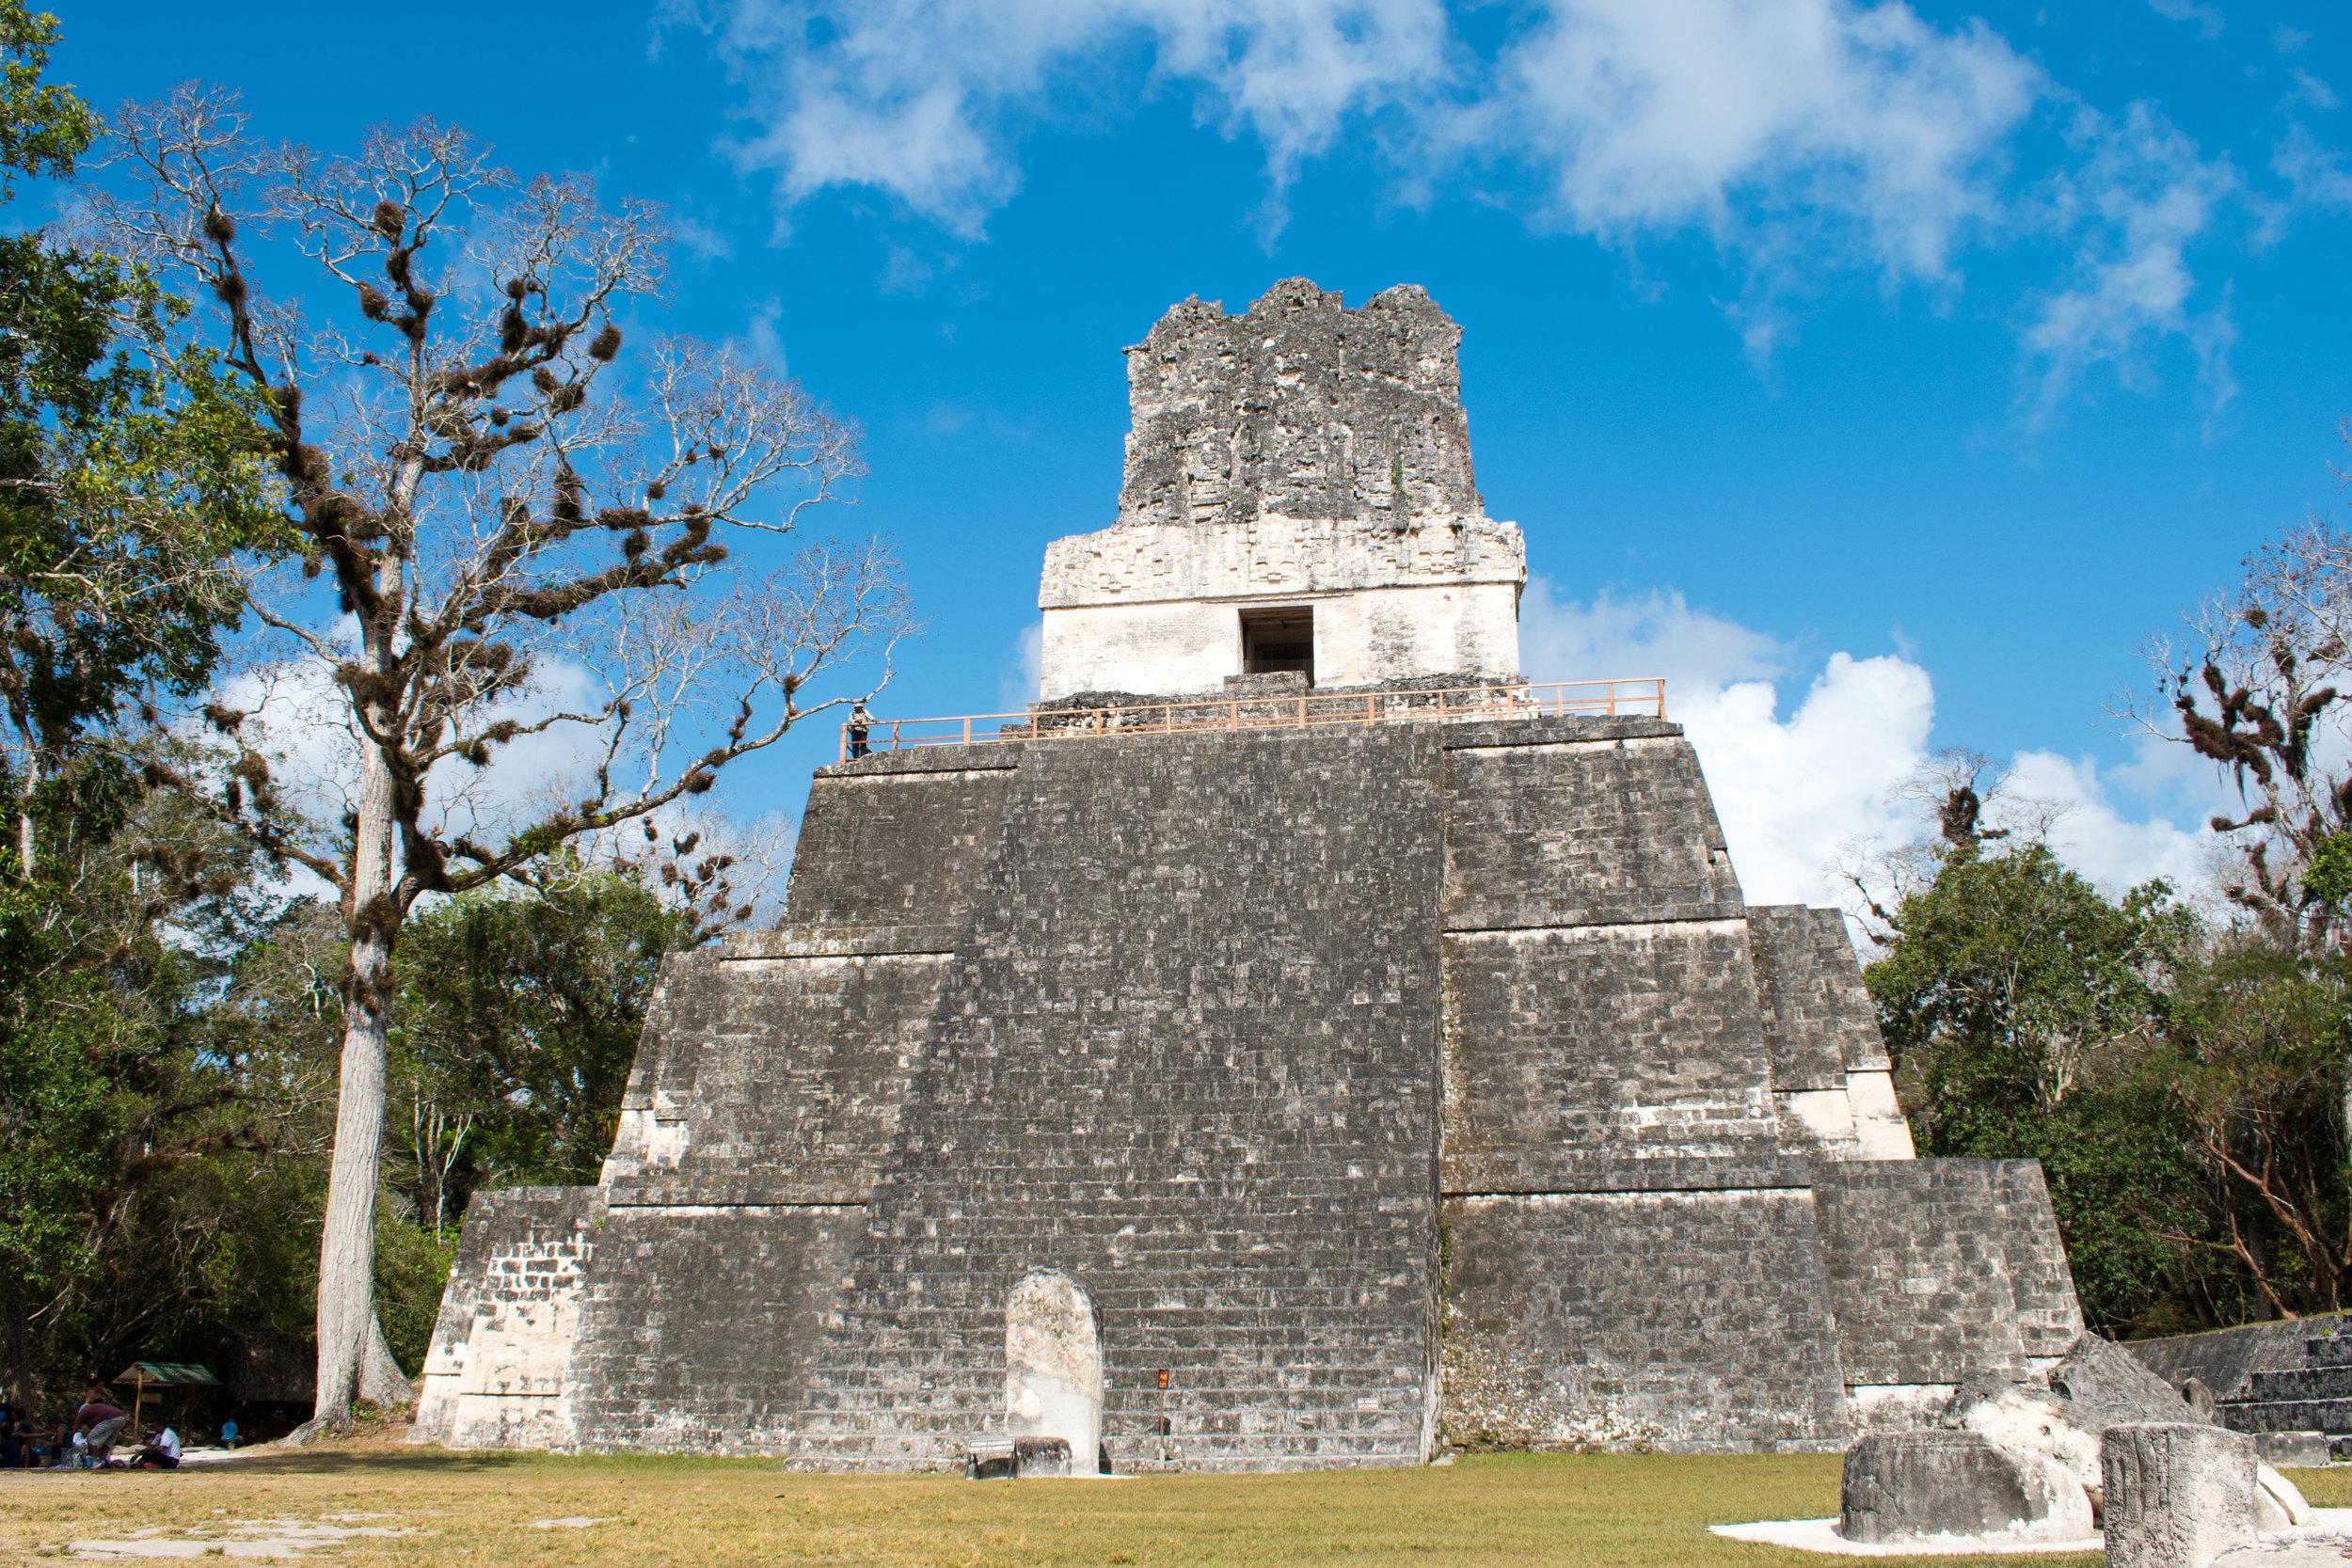 Temple II In The Morning, Tikal, Guatemala